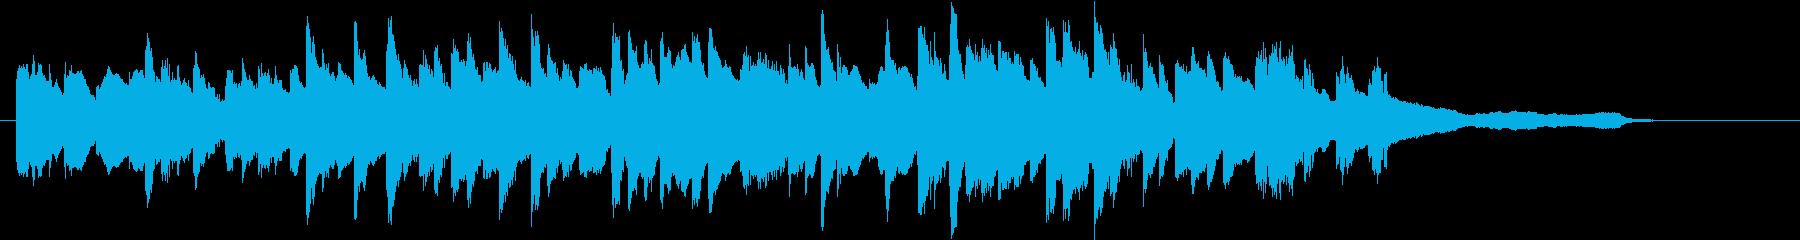 オープニング始まりのピアノジングル30秒の再生済みの波形